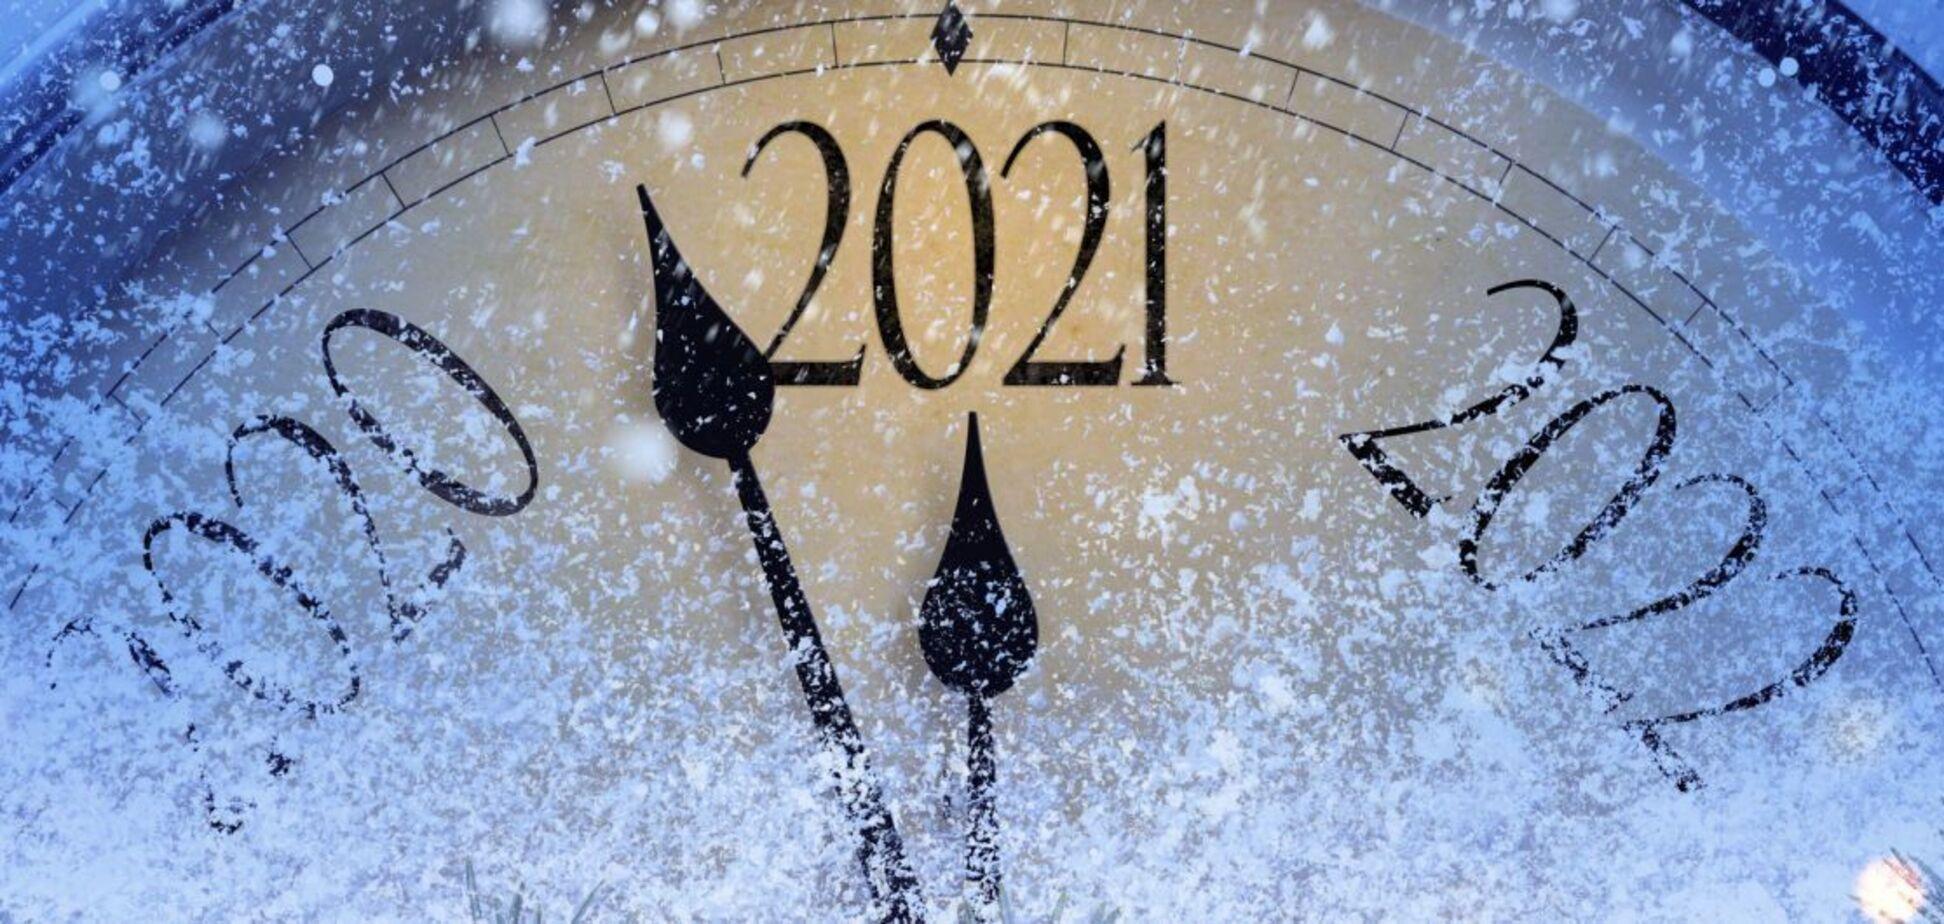 Время турбулентности. Каким будет новый 2021 год?